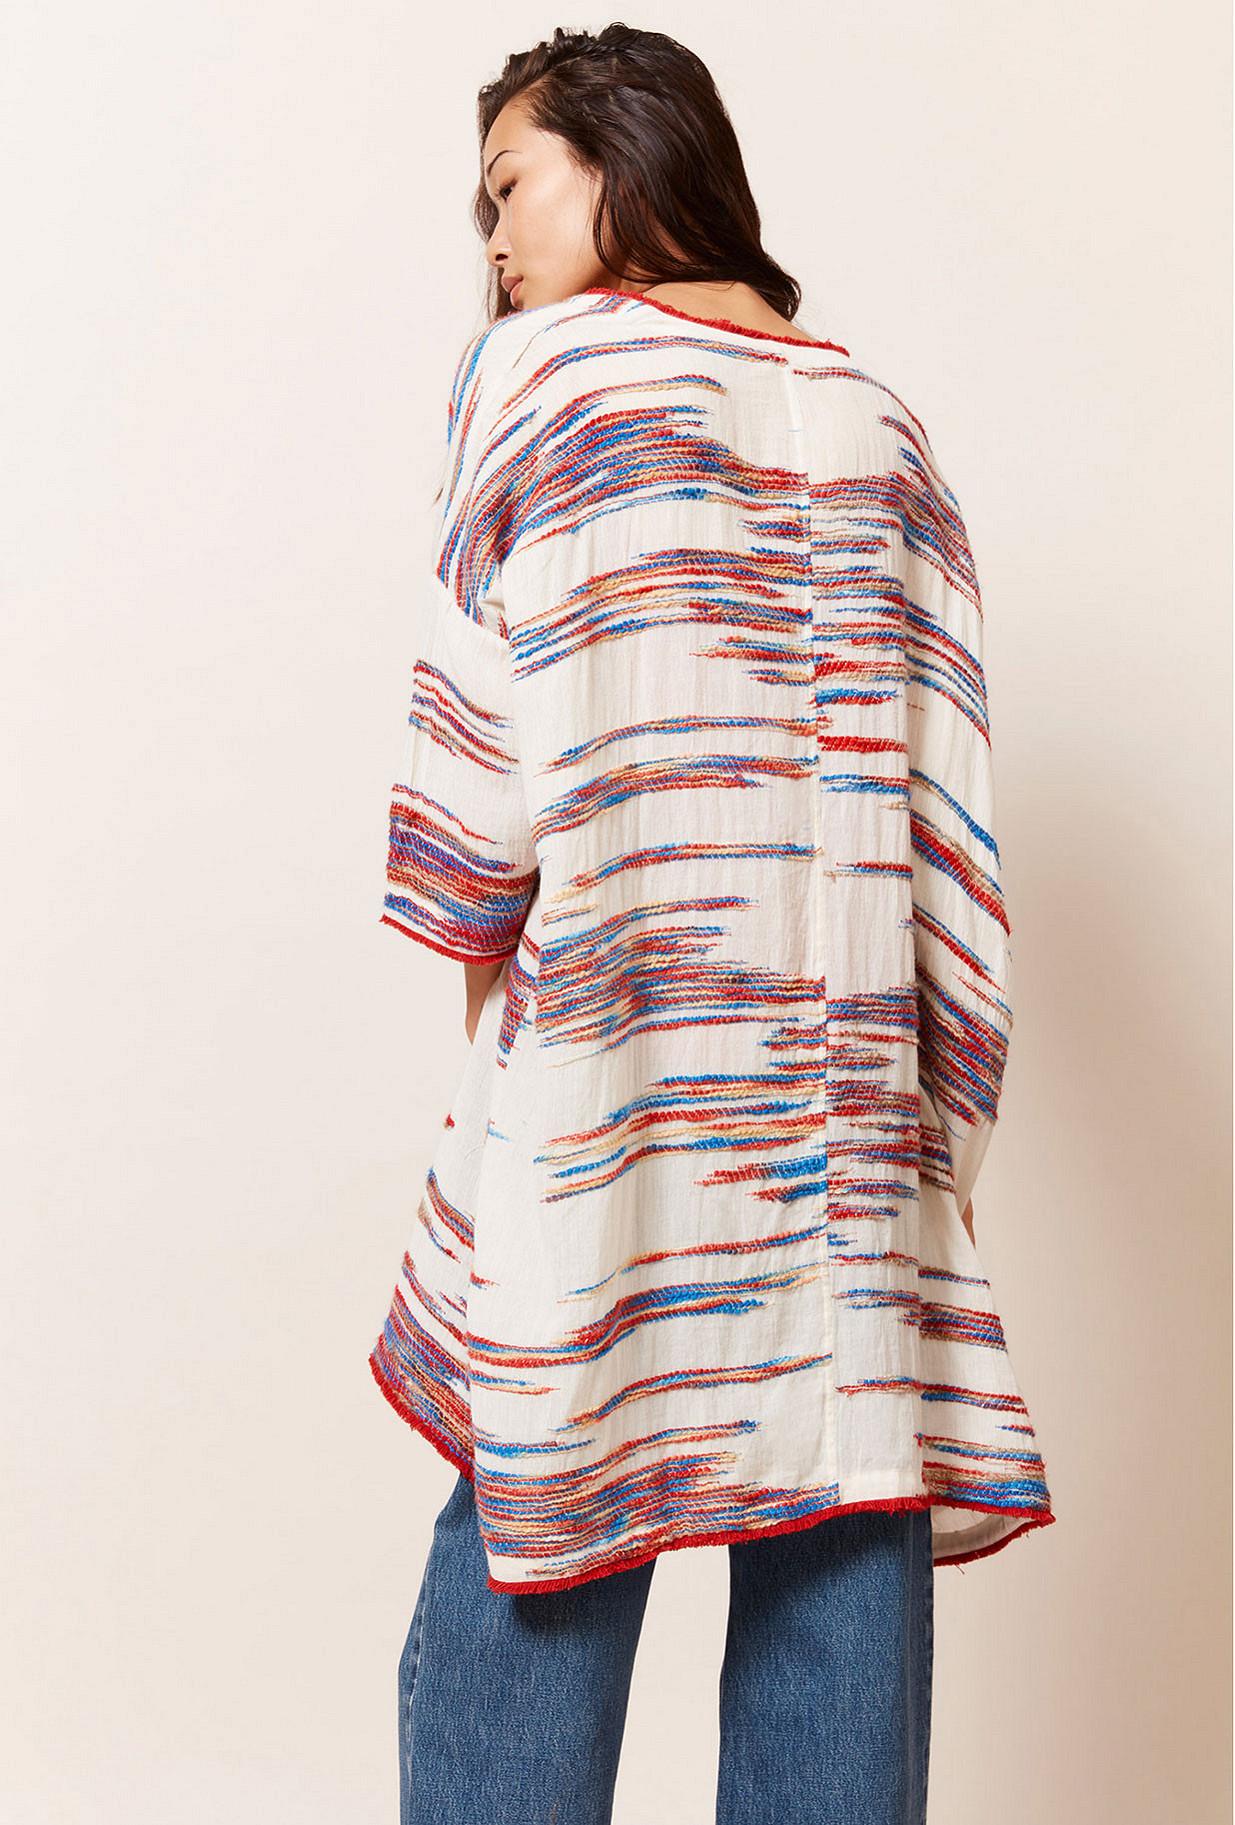 Paris boutique de mode vêtement Veste créateur bohème Nicaragua